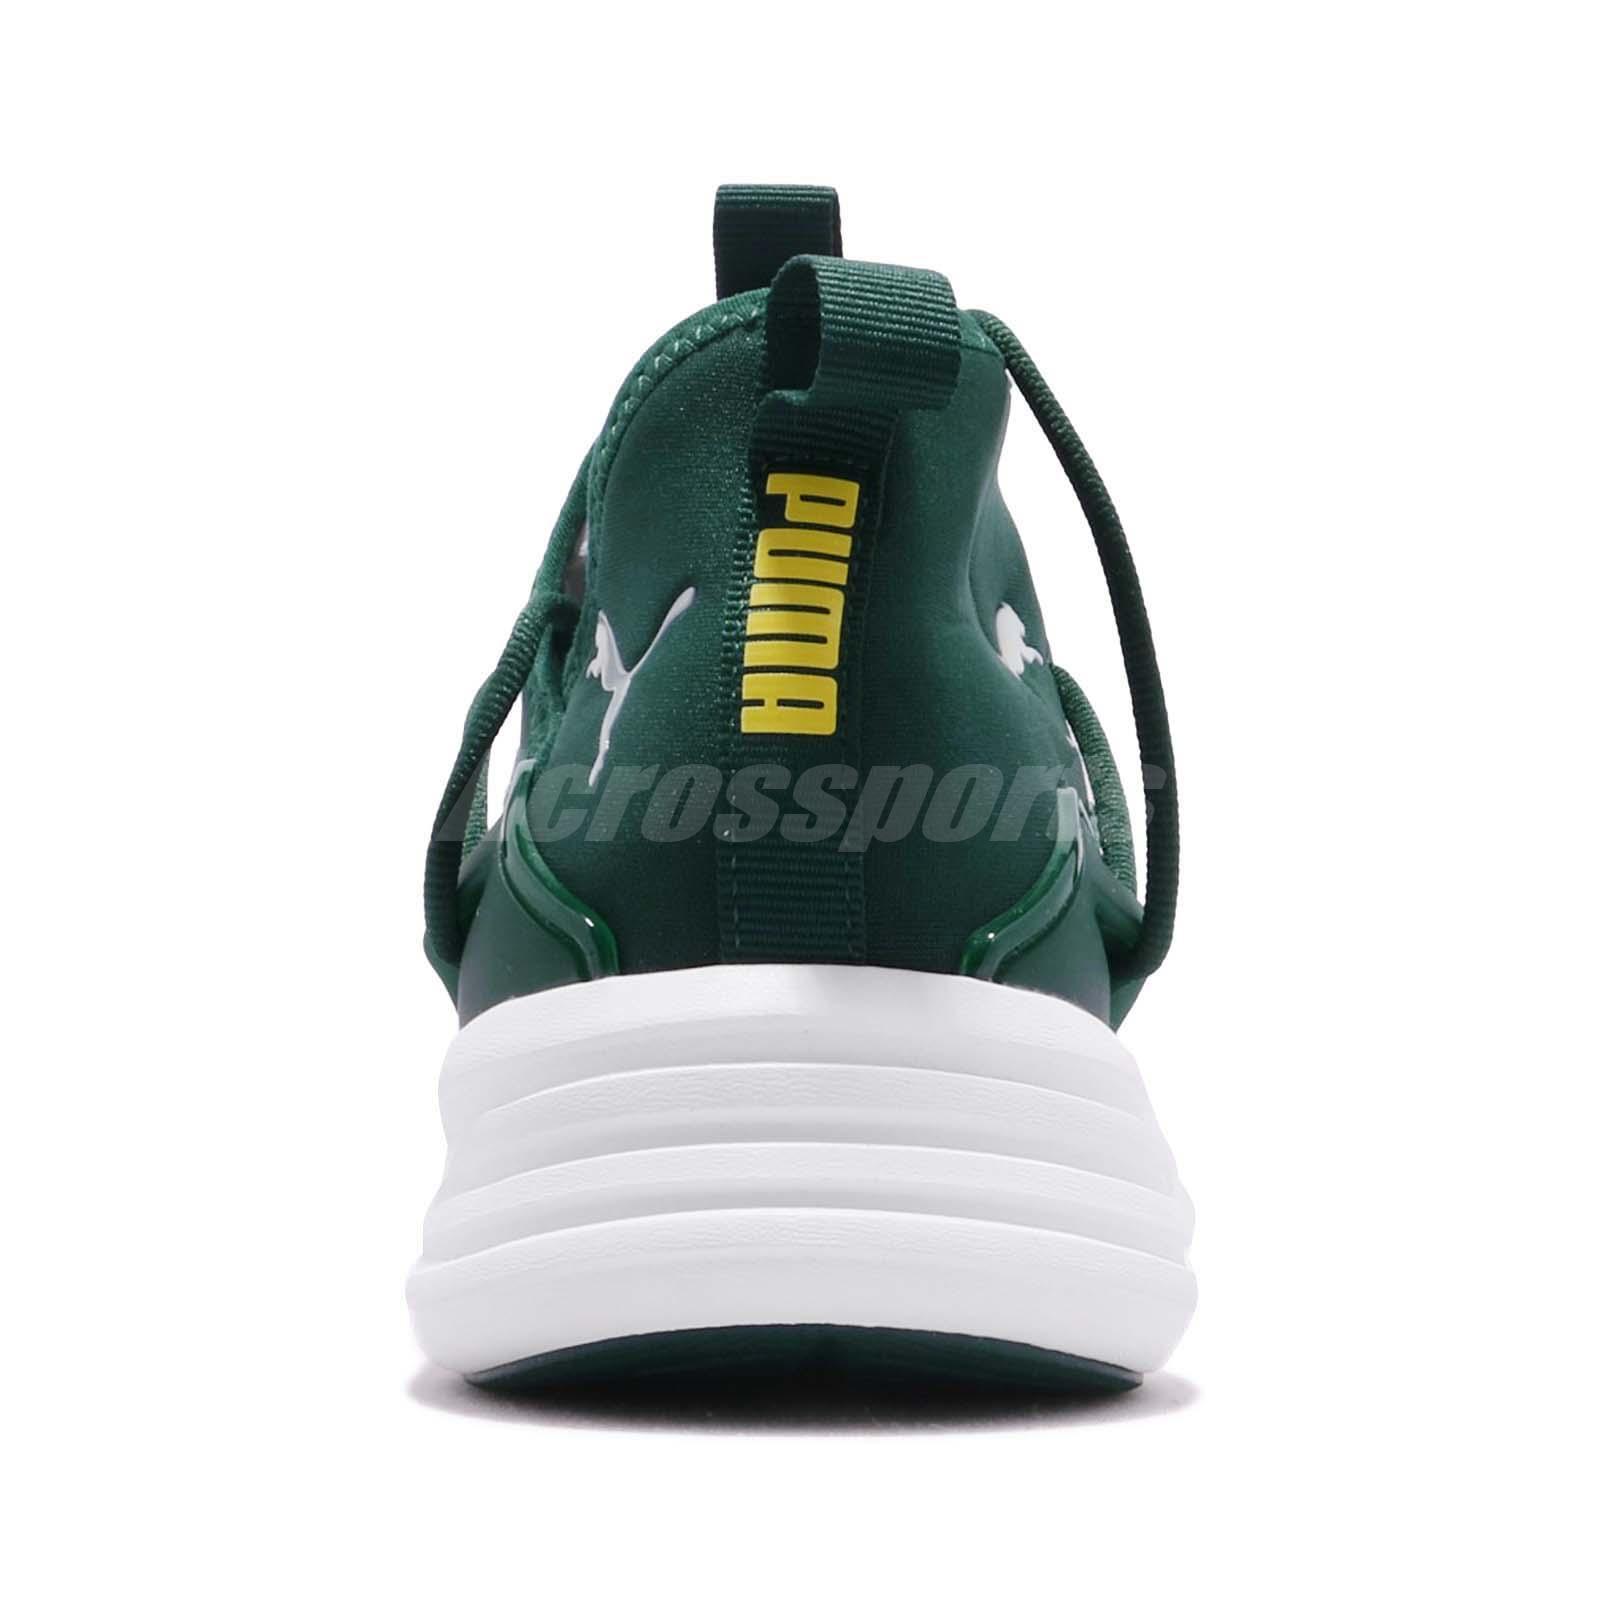 a3f70e5a Details about Puma Mantra FUSEFIT Lewis Hamilton Ponderosa Pine Men  Training Shoes 192487-02